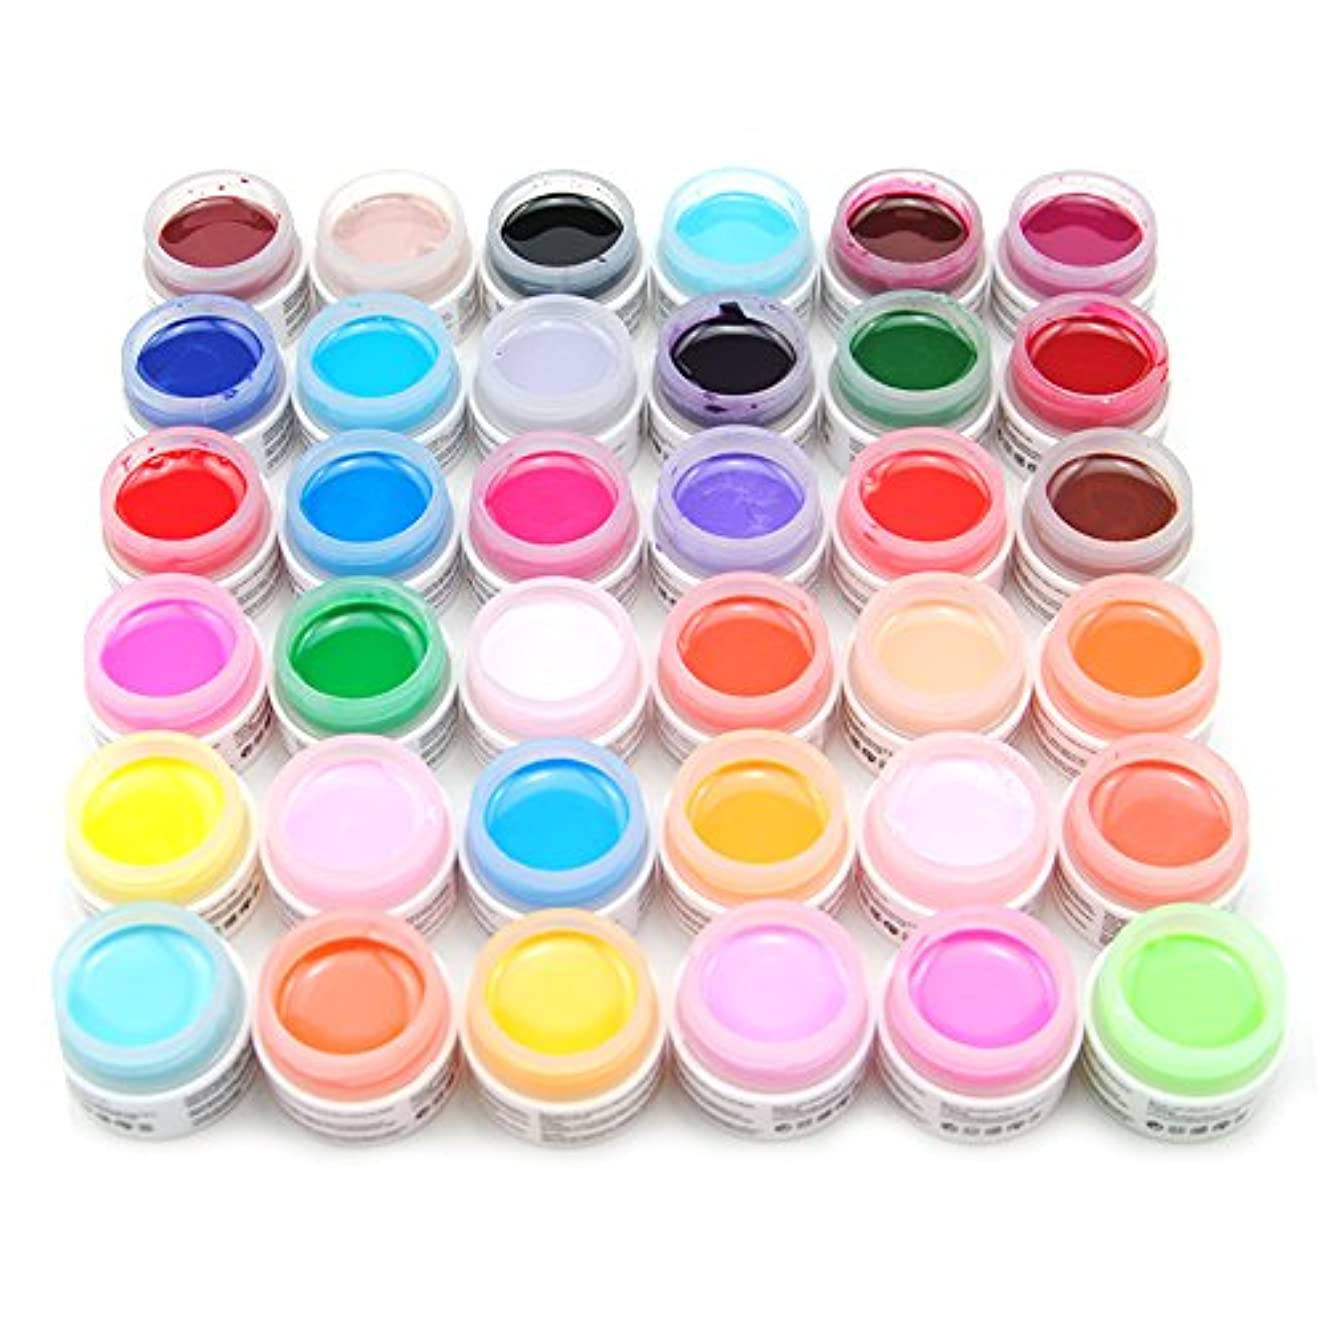 真珠のようなダウンタウン波ユニークモール(UniqueMall)ジェルネイルのセット 36色 純粋ネイルネイルカラーUVジェルレジン ネイルアート ネイルサロン 色々カラーネイルデコ人気セット